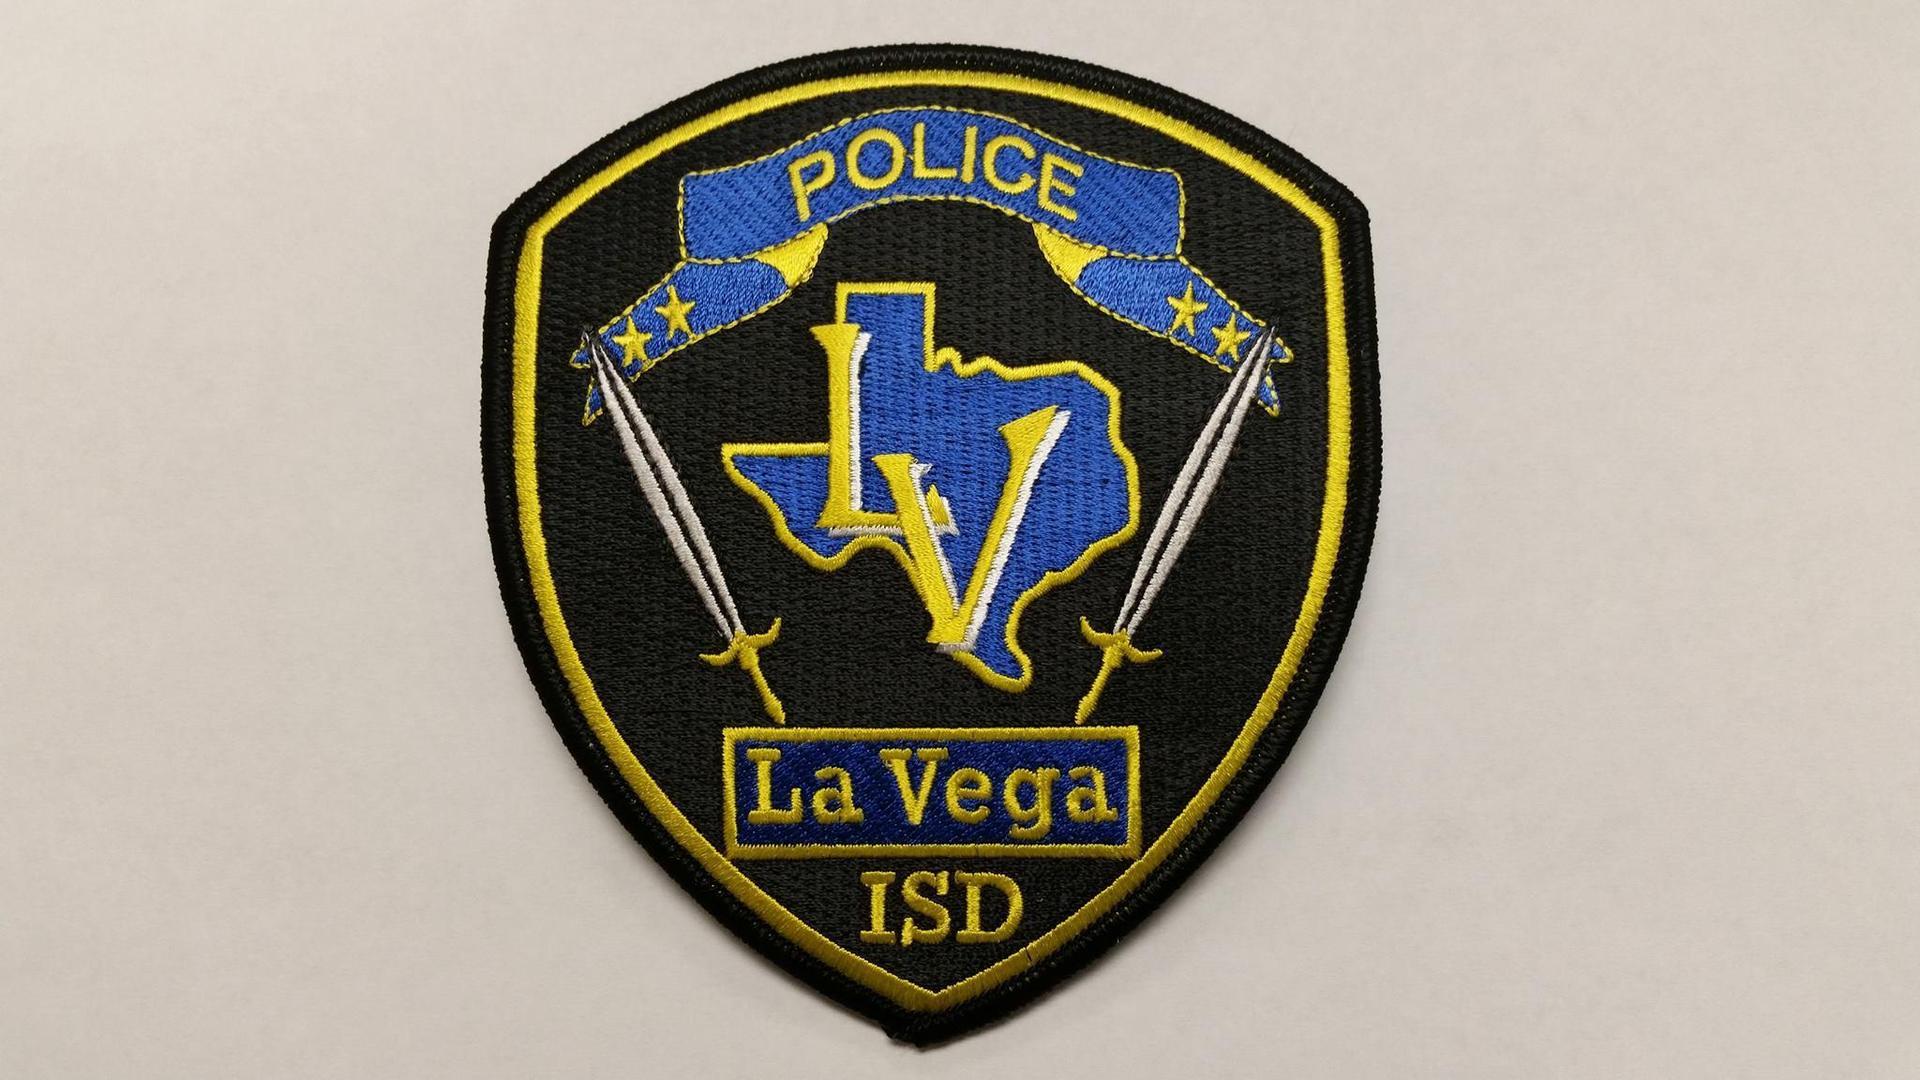 La Vega ISD Police Dept